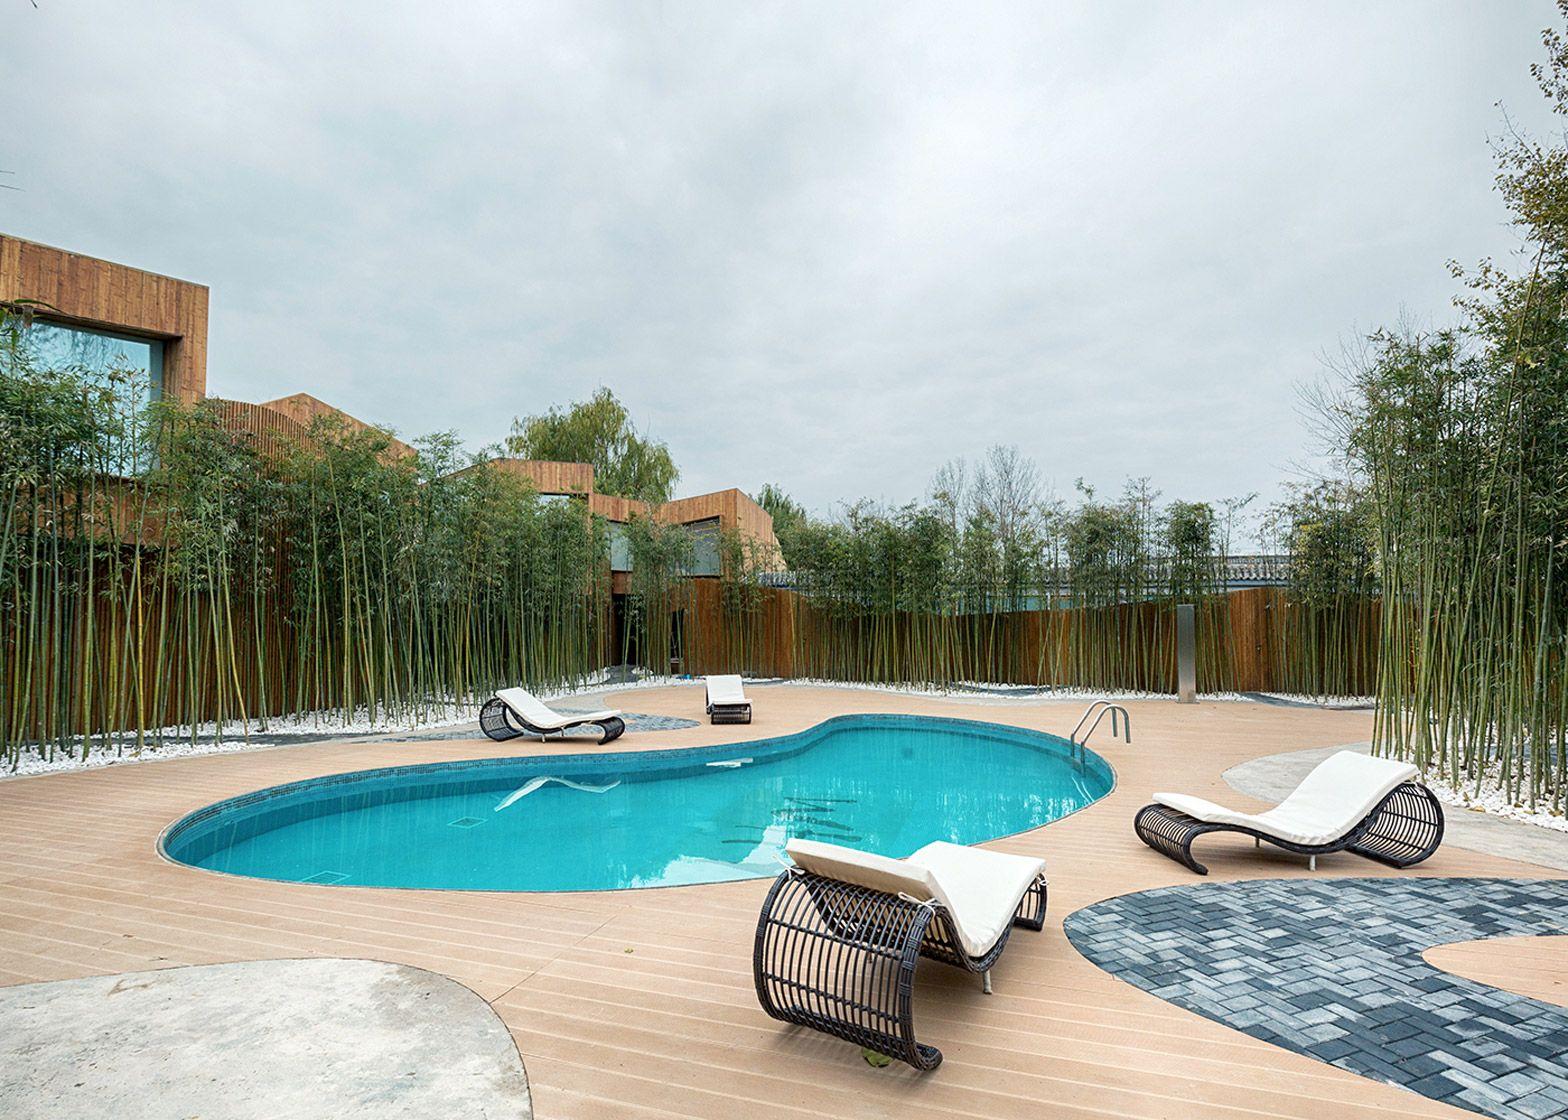 Elevation wooden cabins surround Beijing spring